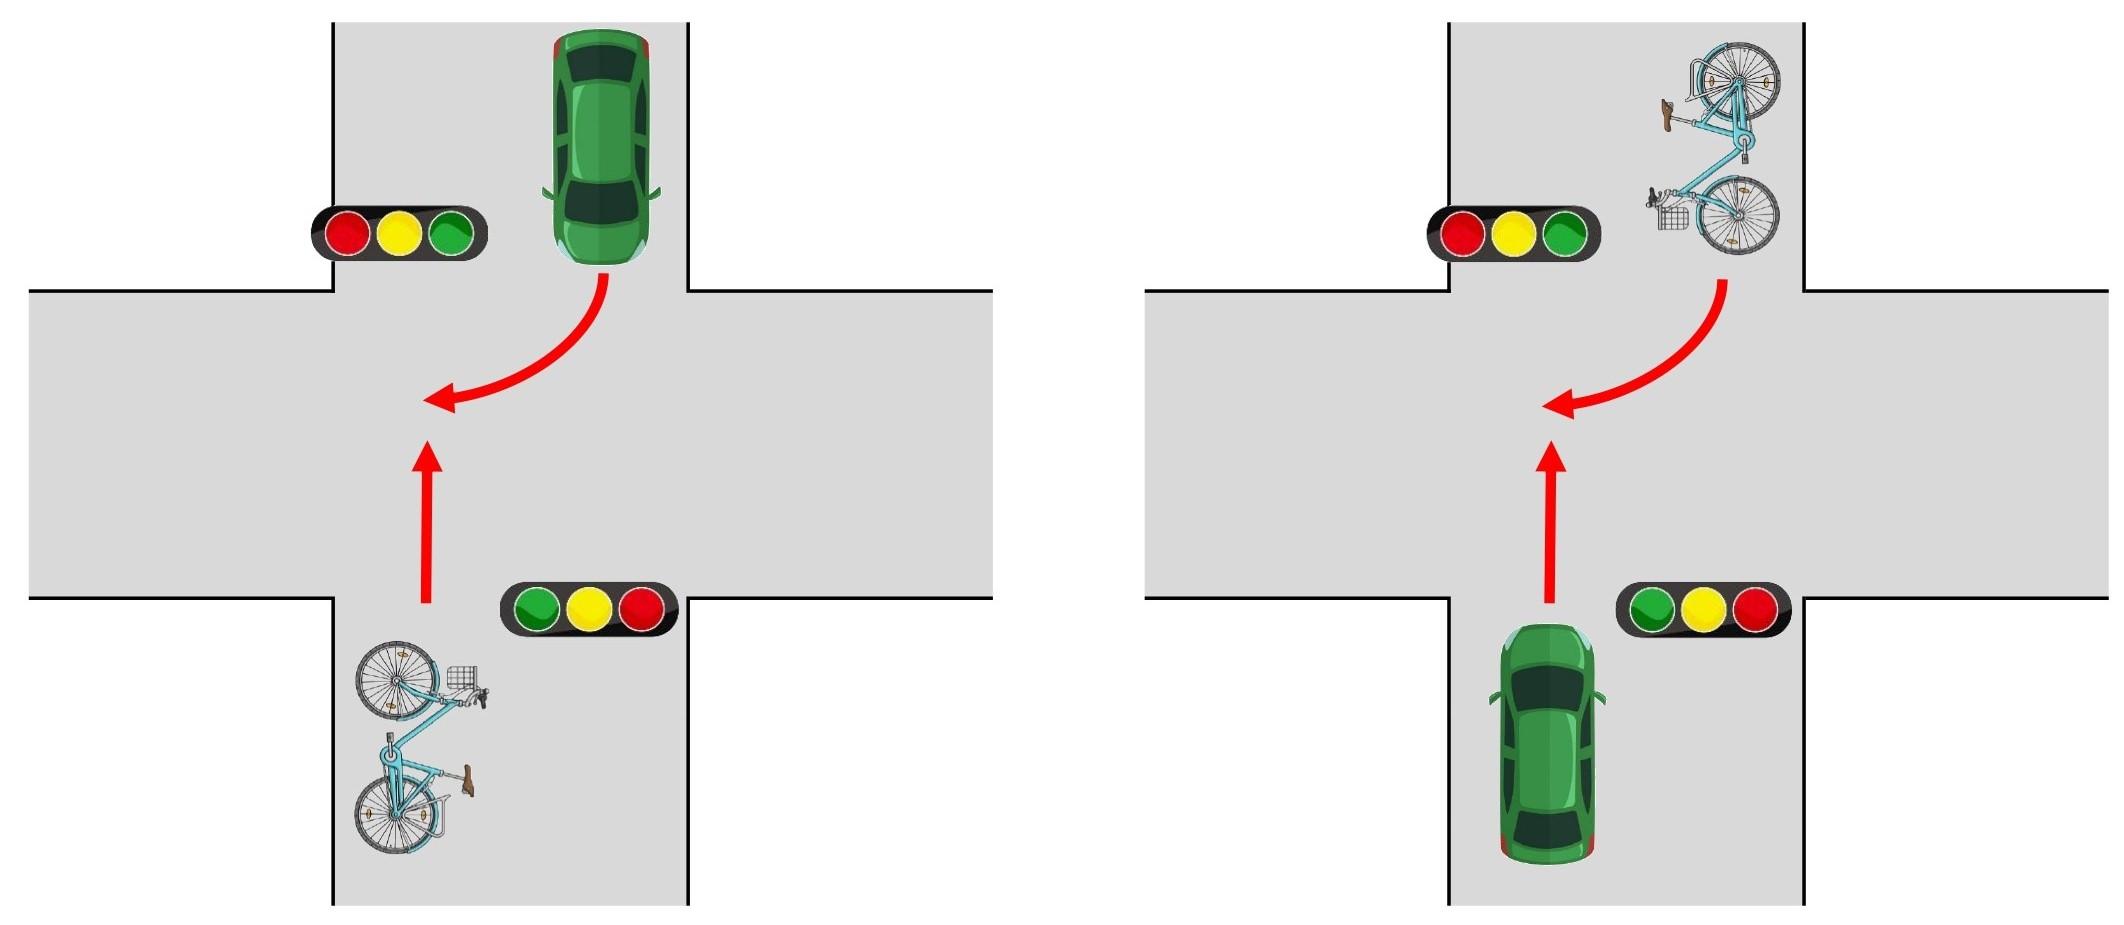 【図】自転車と車/交差点/右折と直進/同一道路対向方向/信号あり